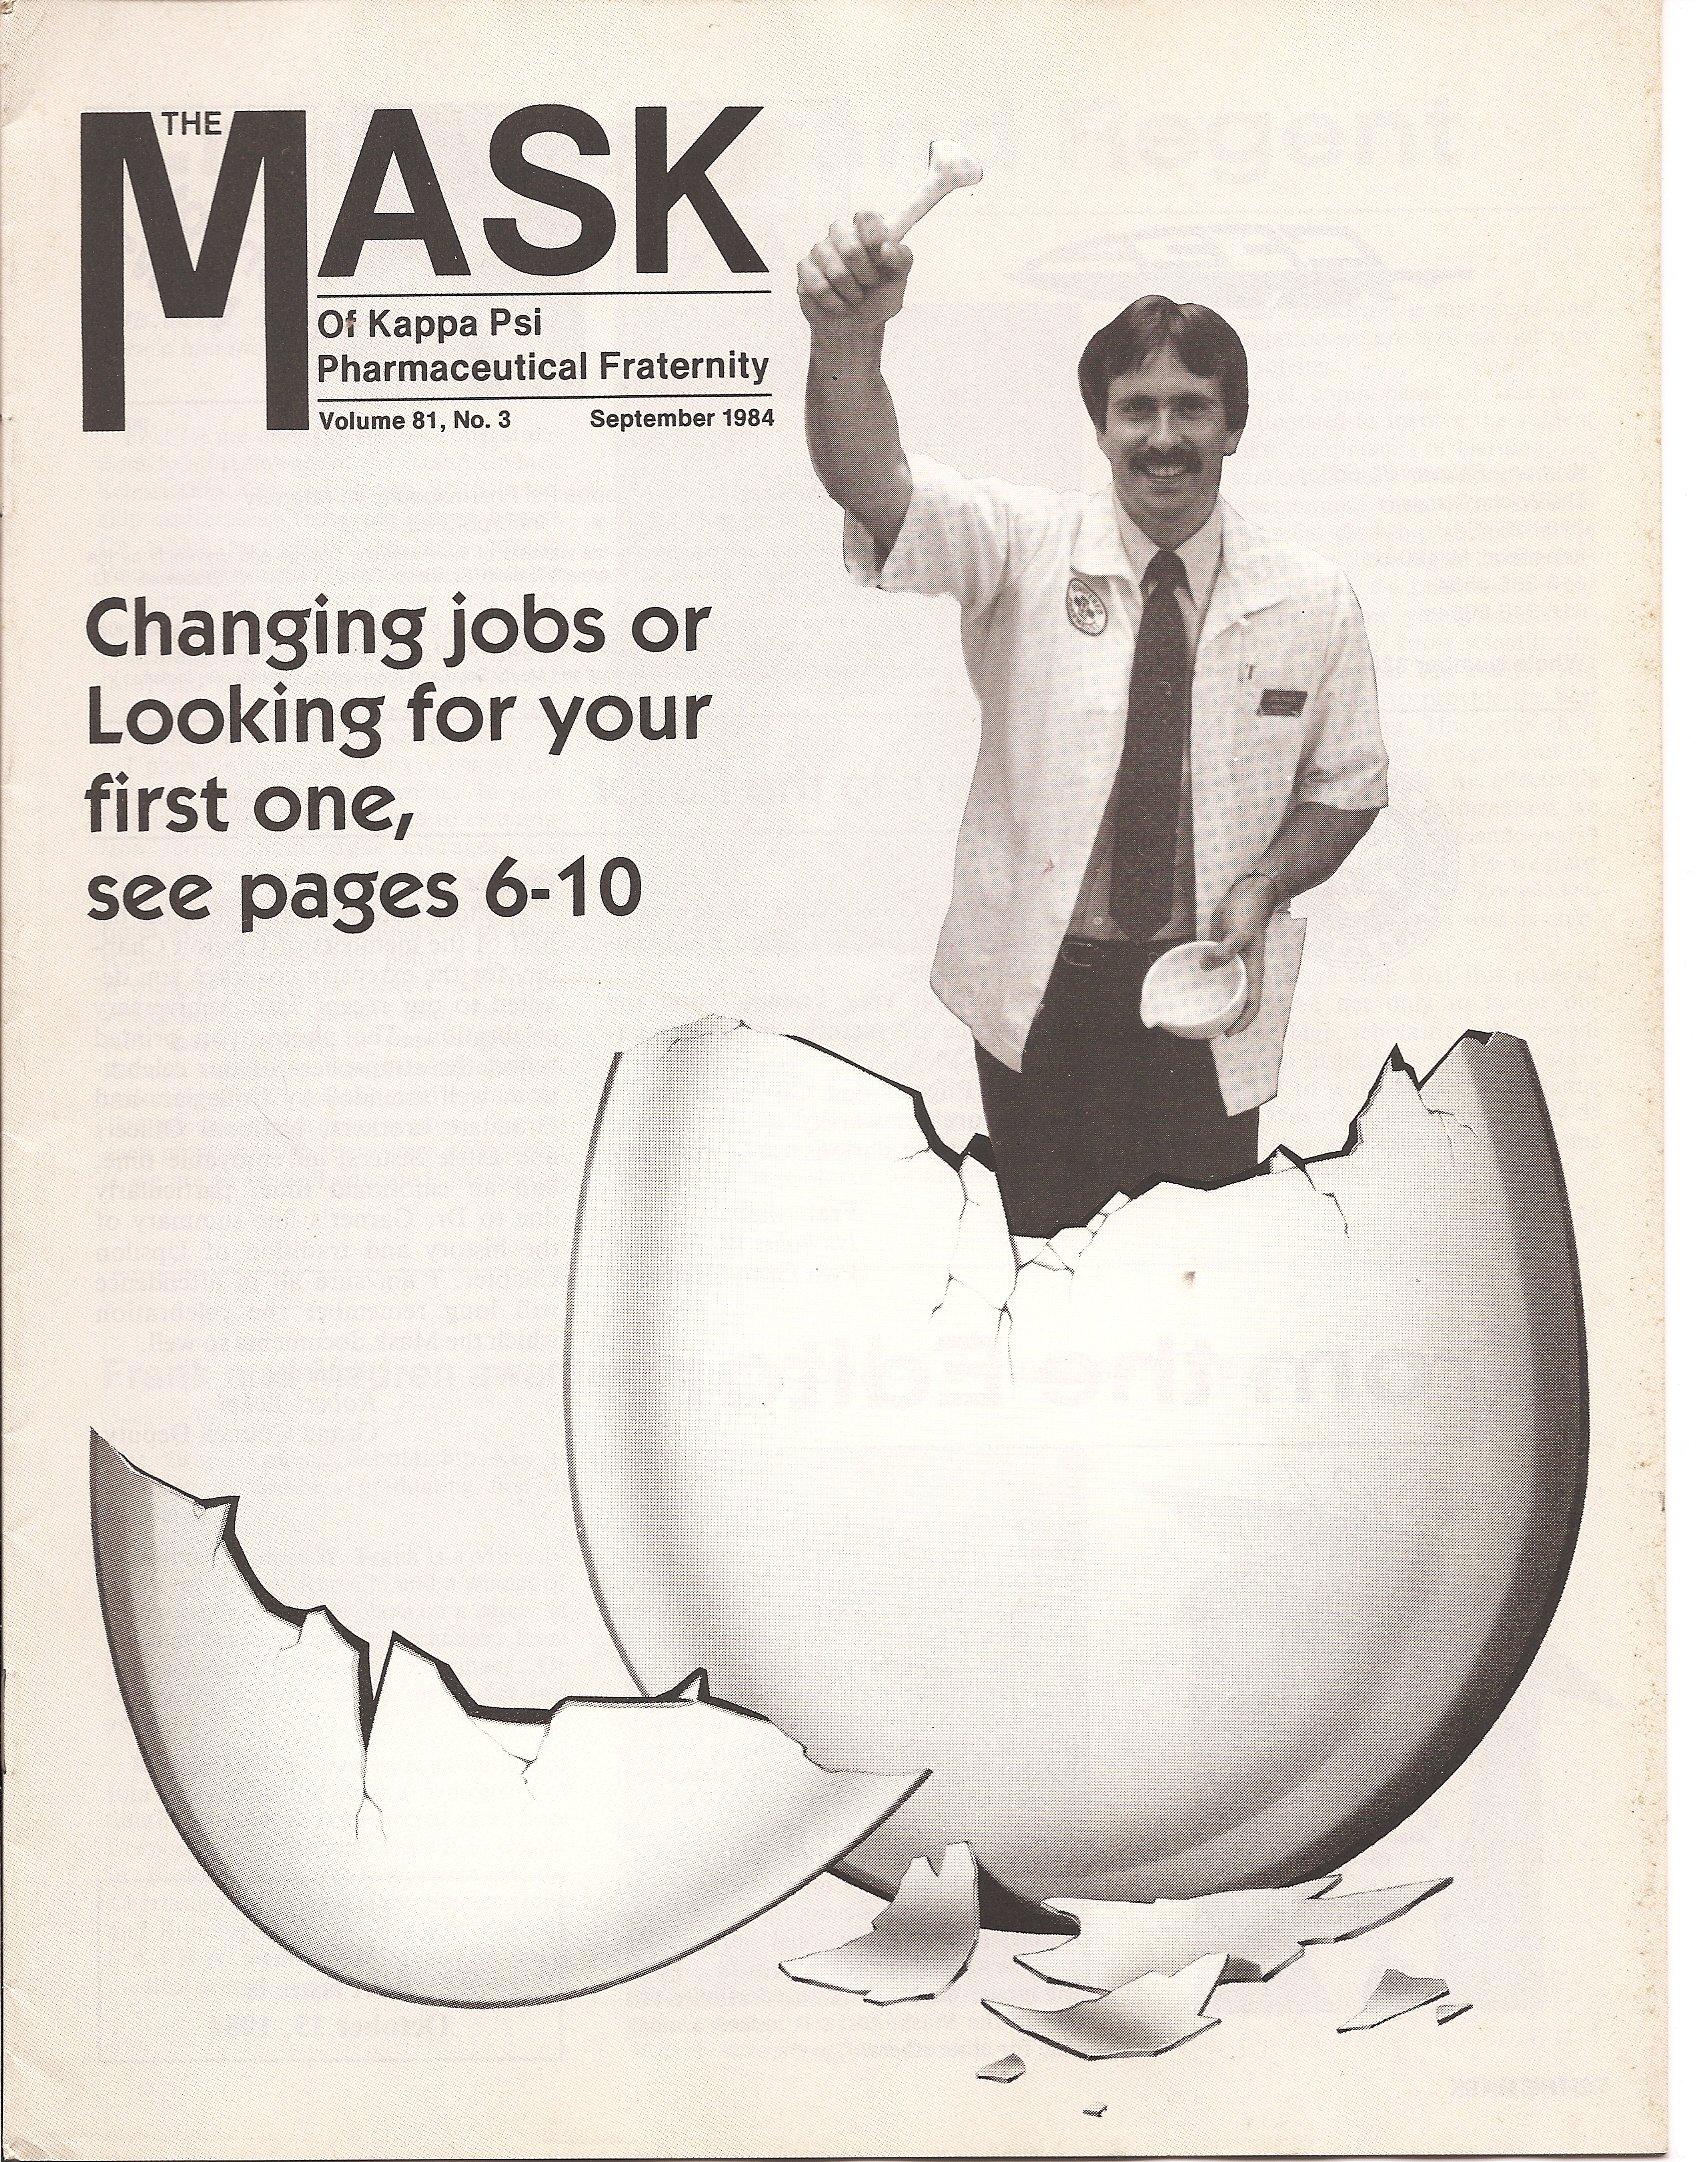 mask_cover_09_1984.jpg